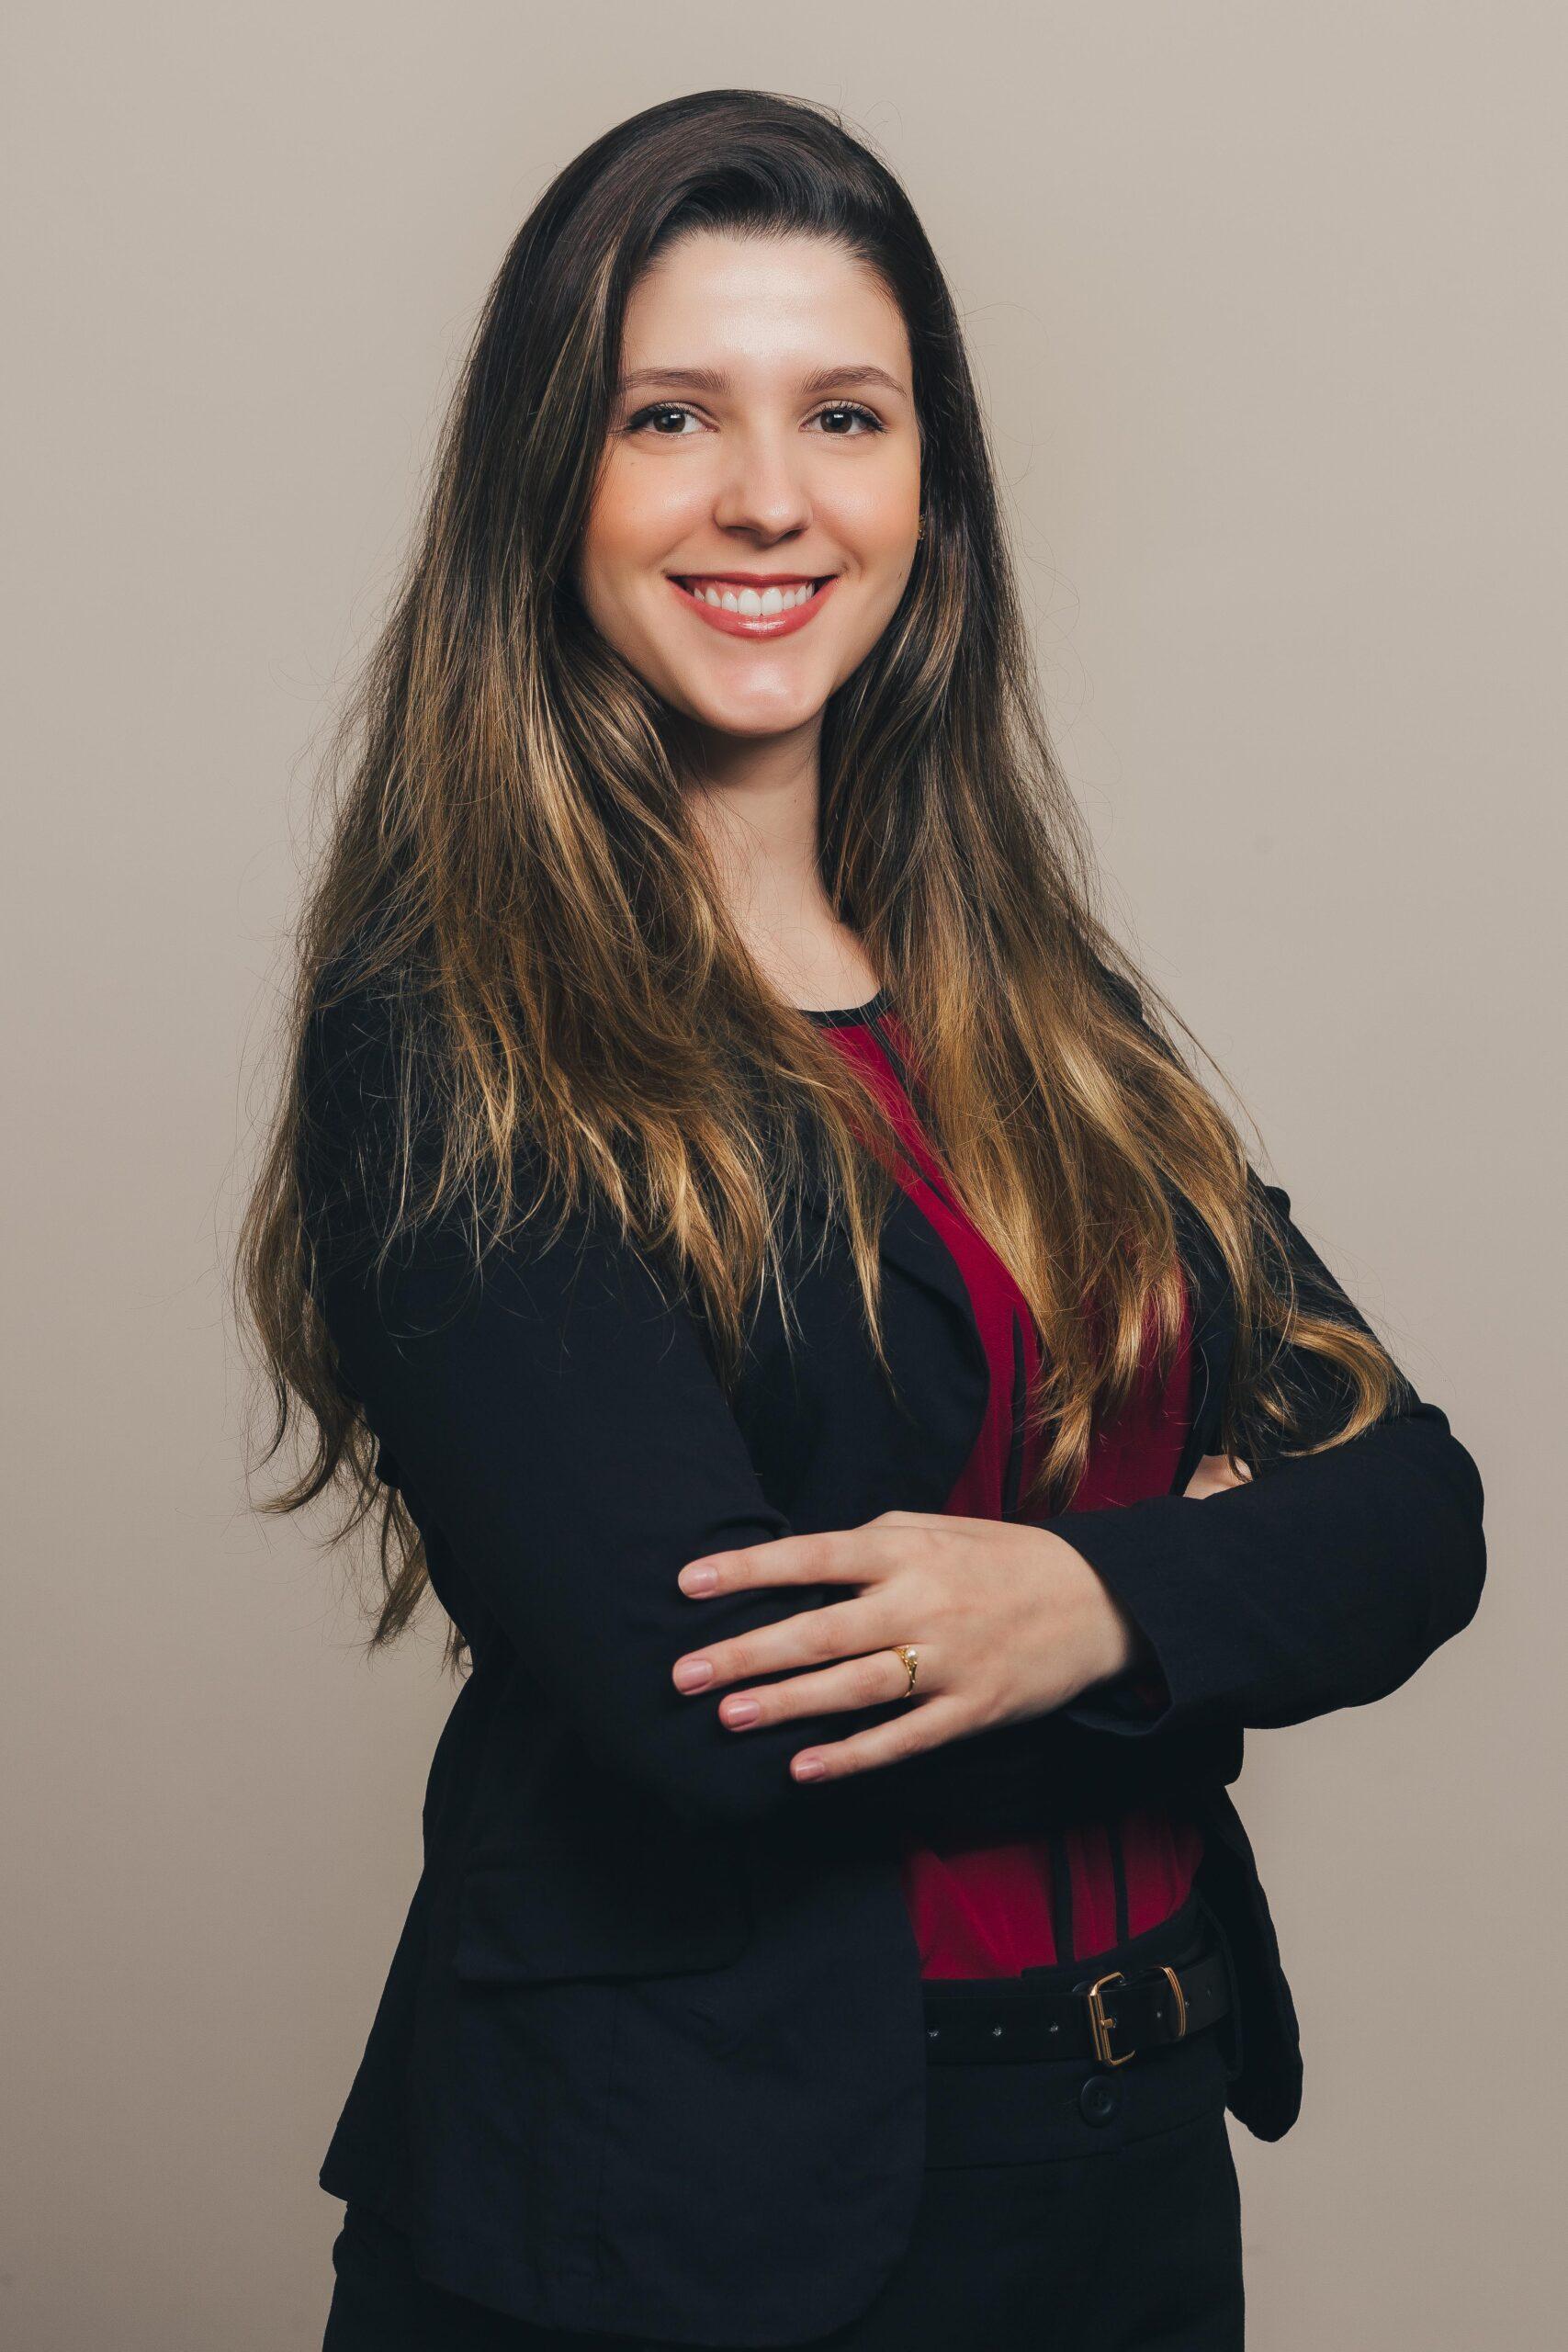 Stephanie Moraes Van Dijk